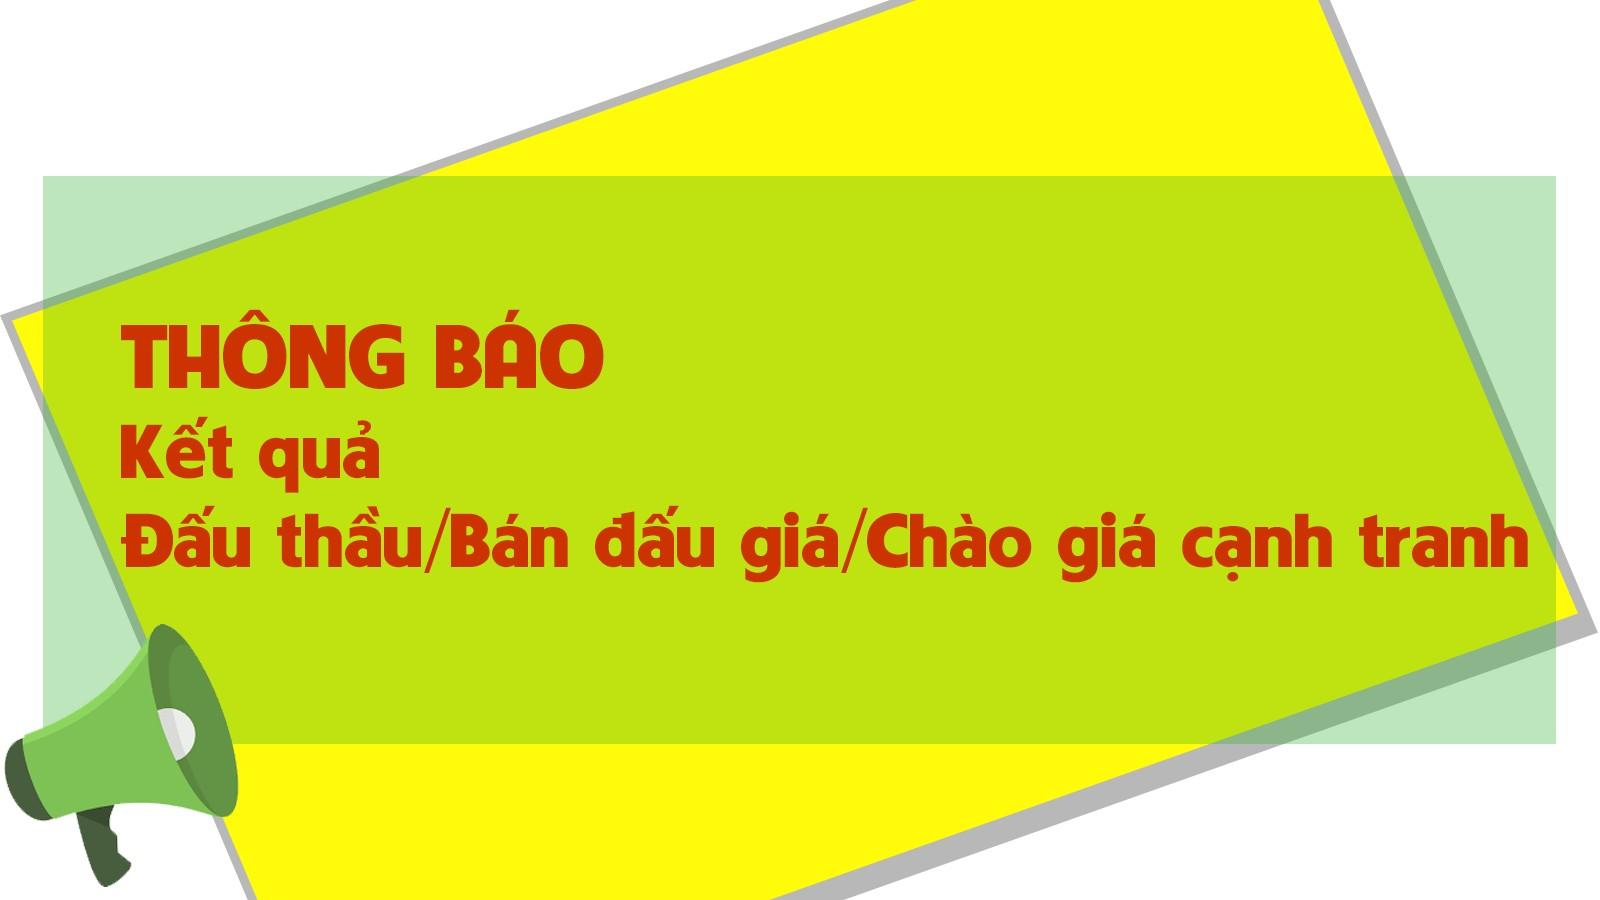 Thông báo kết quả đăng ký tham gia đấu giá mua quyền mua cổ phần của Tổng Công ty Công nghiệp Xi măng Việt Nam tại Công ty Tài chính Cổ phần Tín Việt